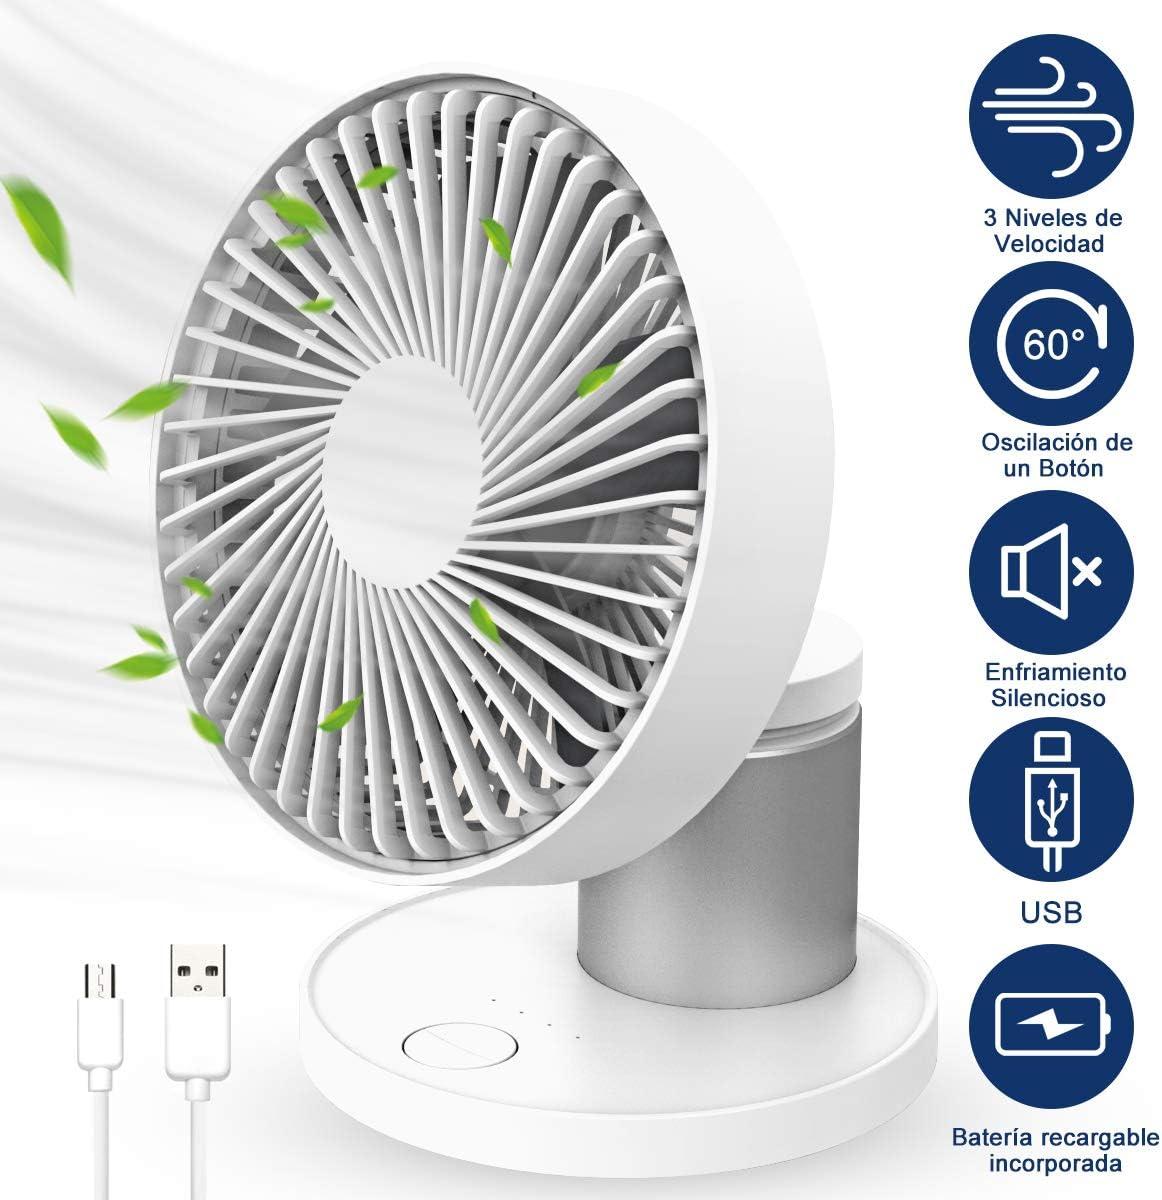 ICARE Ventilador USB de Mesa, Ventilador USB Silencioso, Ventilador Portátil de 3 Velocidad Ventilador Pequeño Silencioso para Oficina Hogar Ventilador de Circulación de Aire (Blanco)